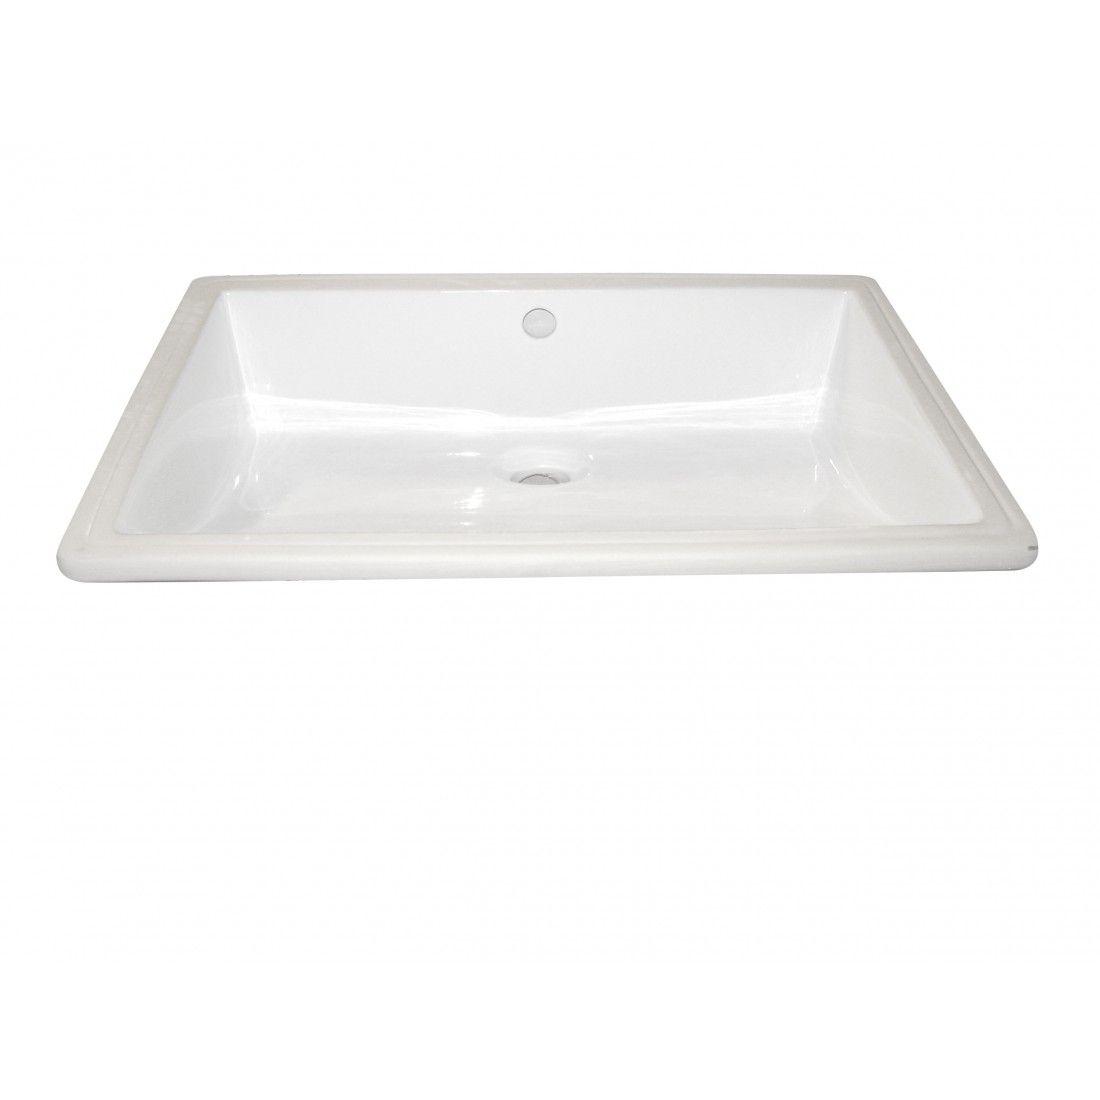 Vasque à encastrer blanche 55,5 cm Sottopiano, format rectangulaire